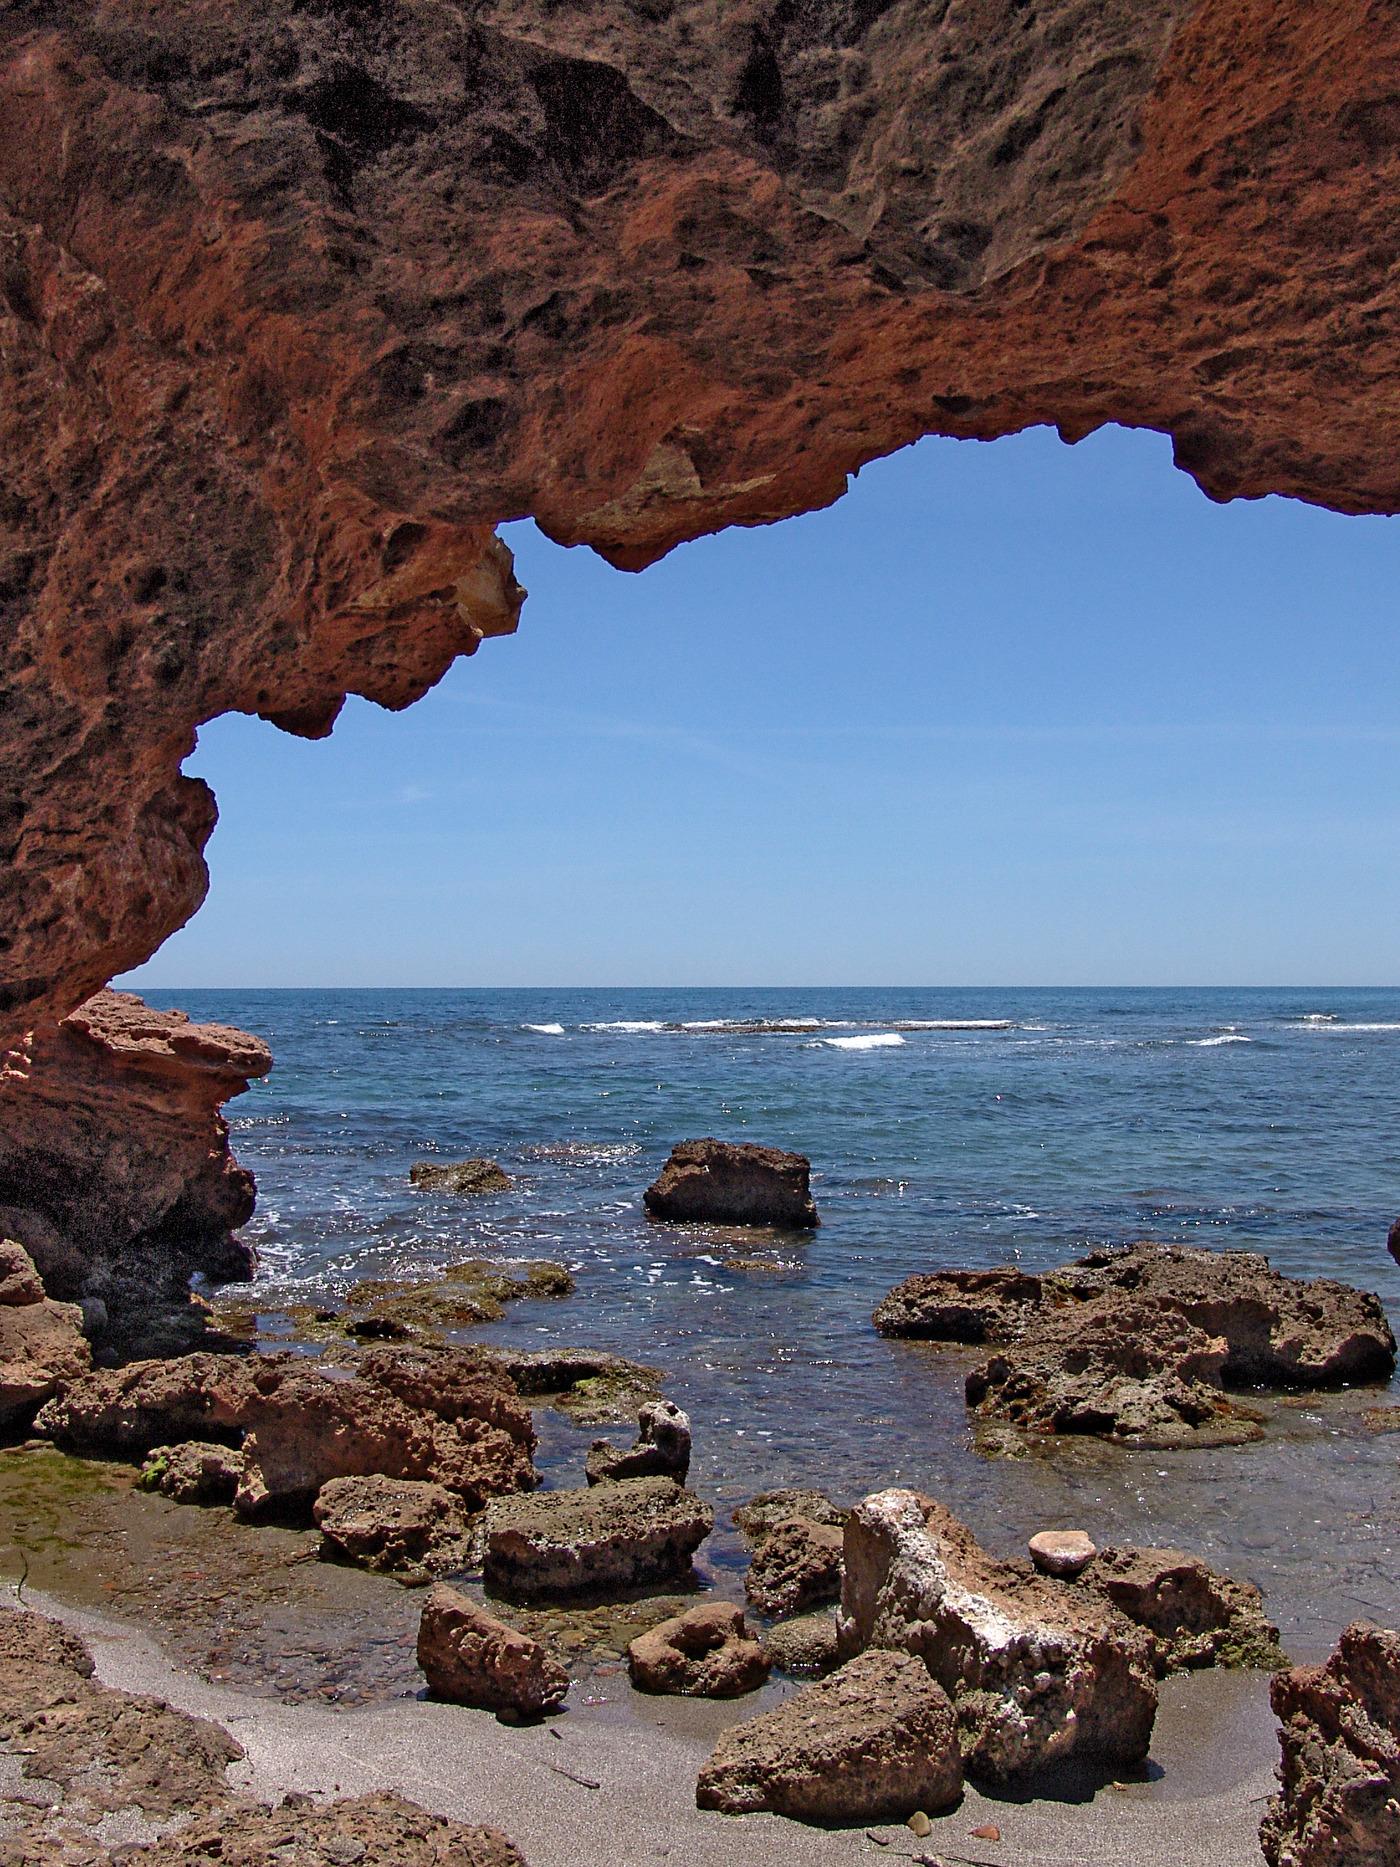 Playa de la Renegá. Autor, oropesadelmarturismo.com